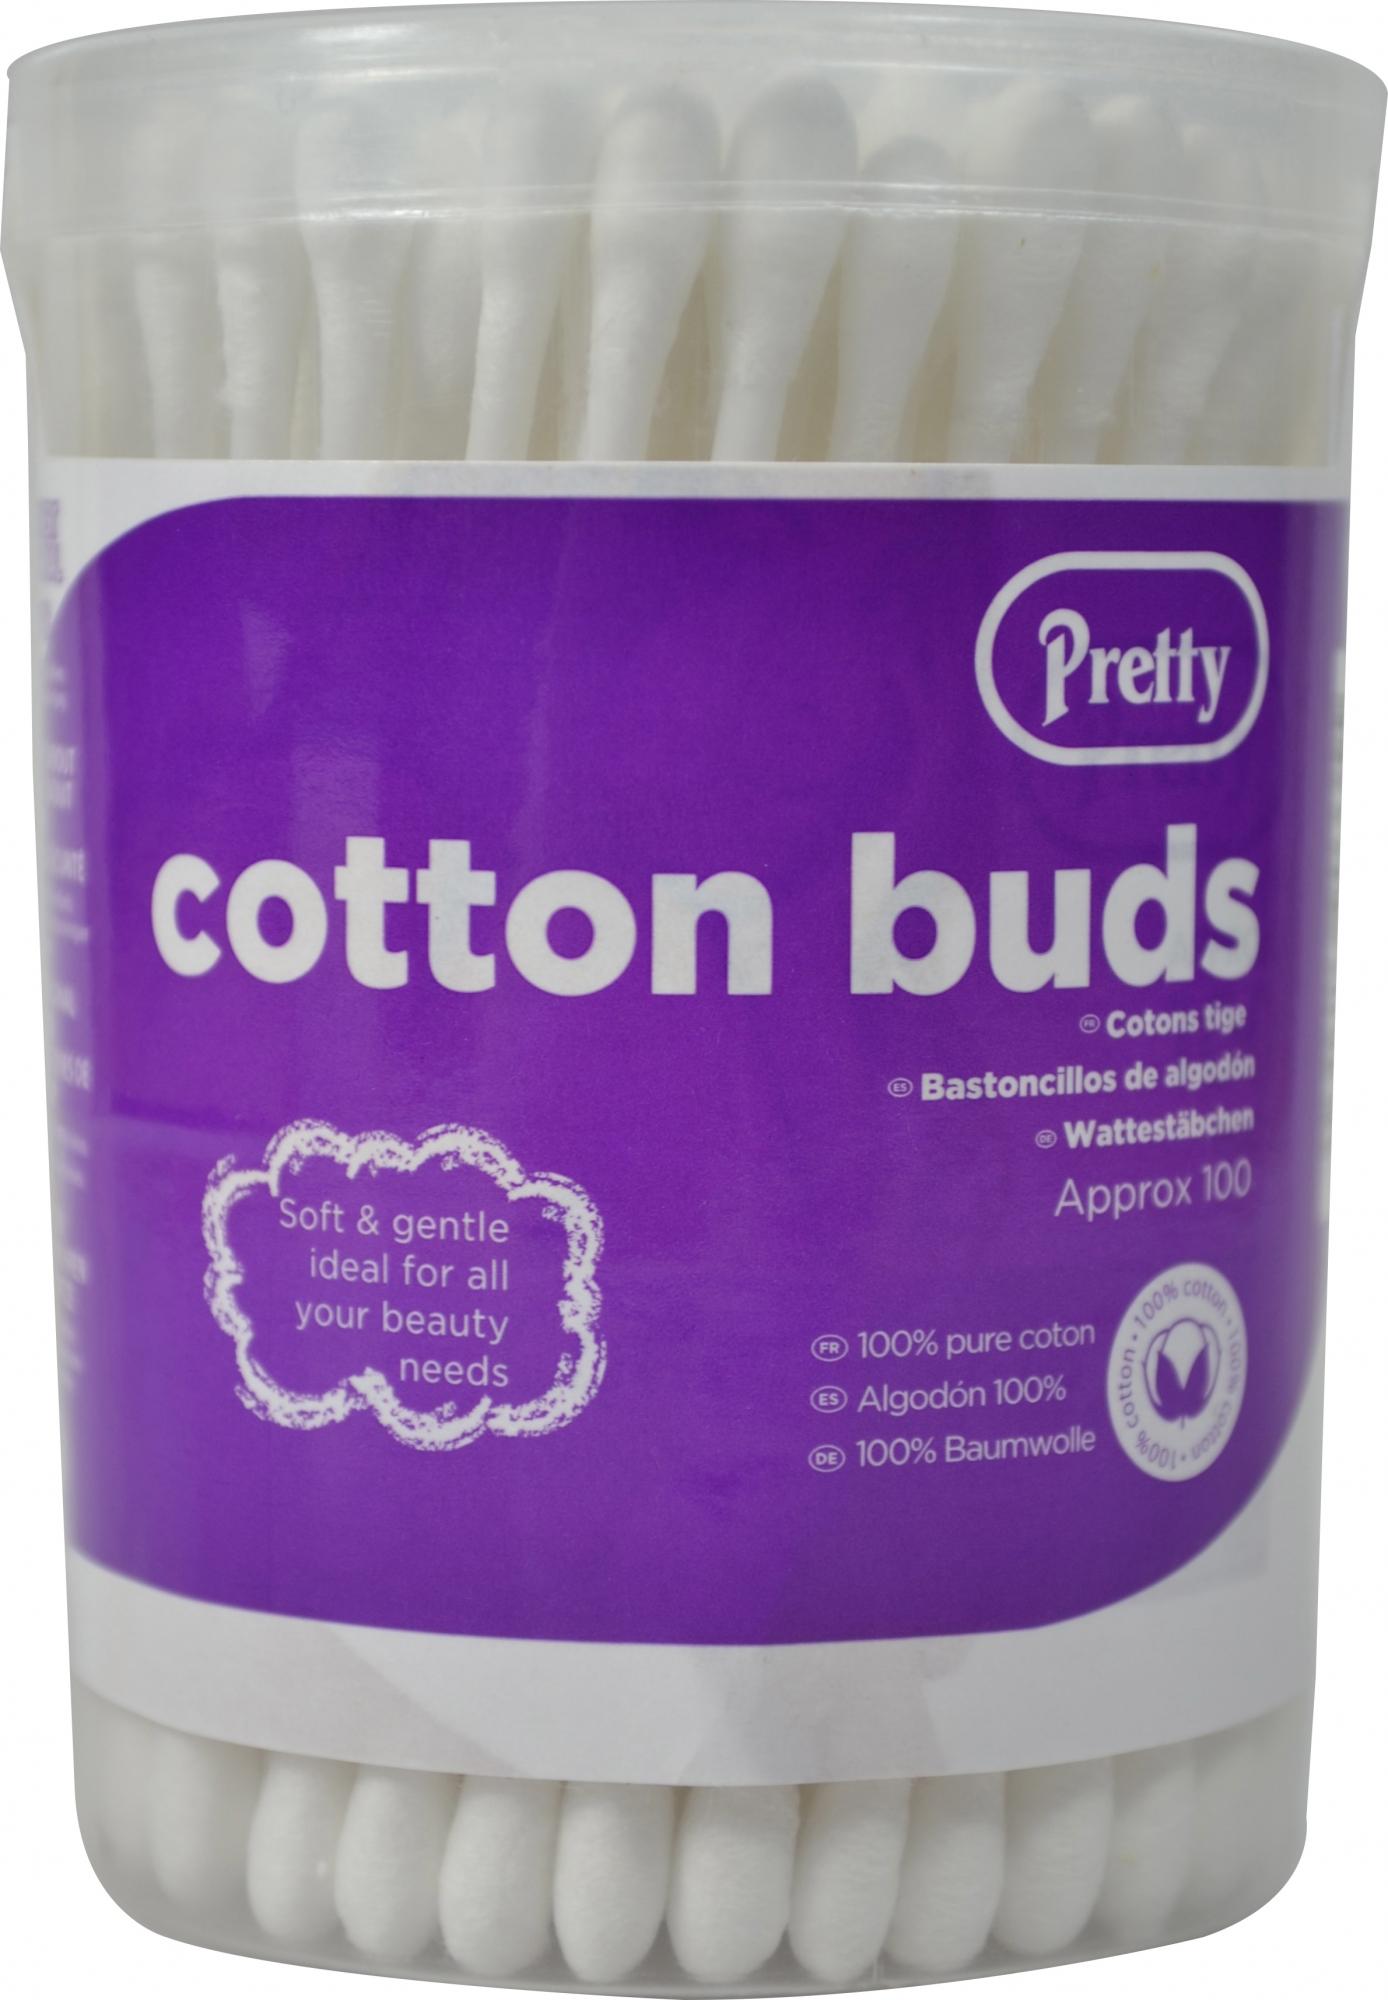 Pretty Cotton Buds 100s